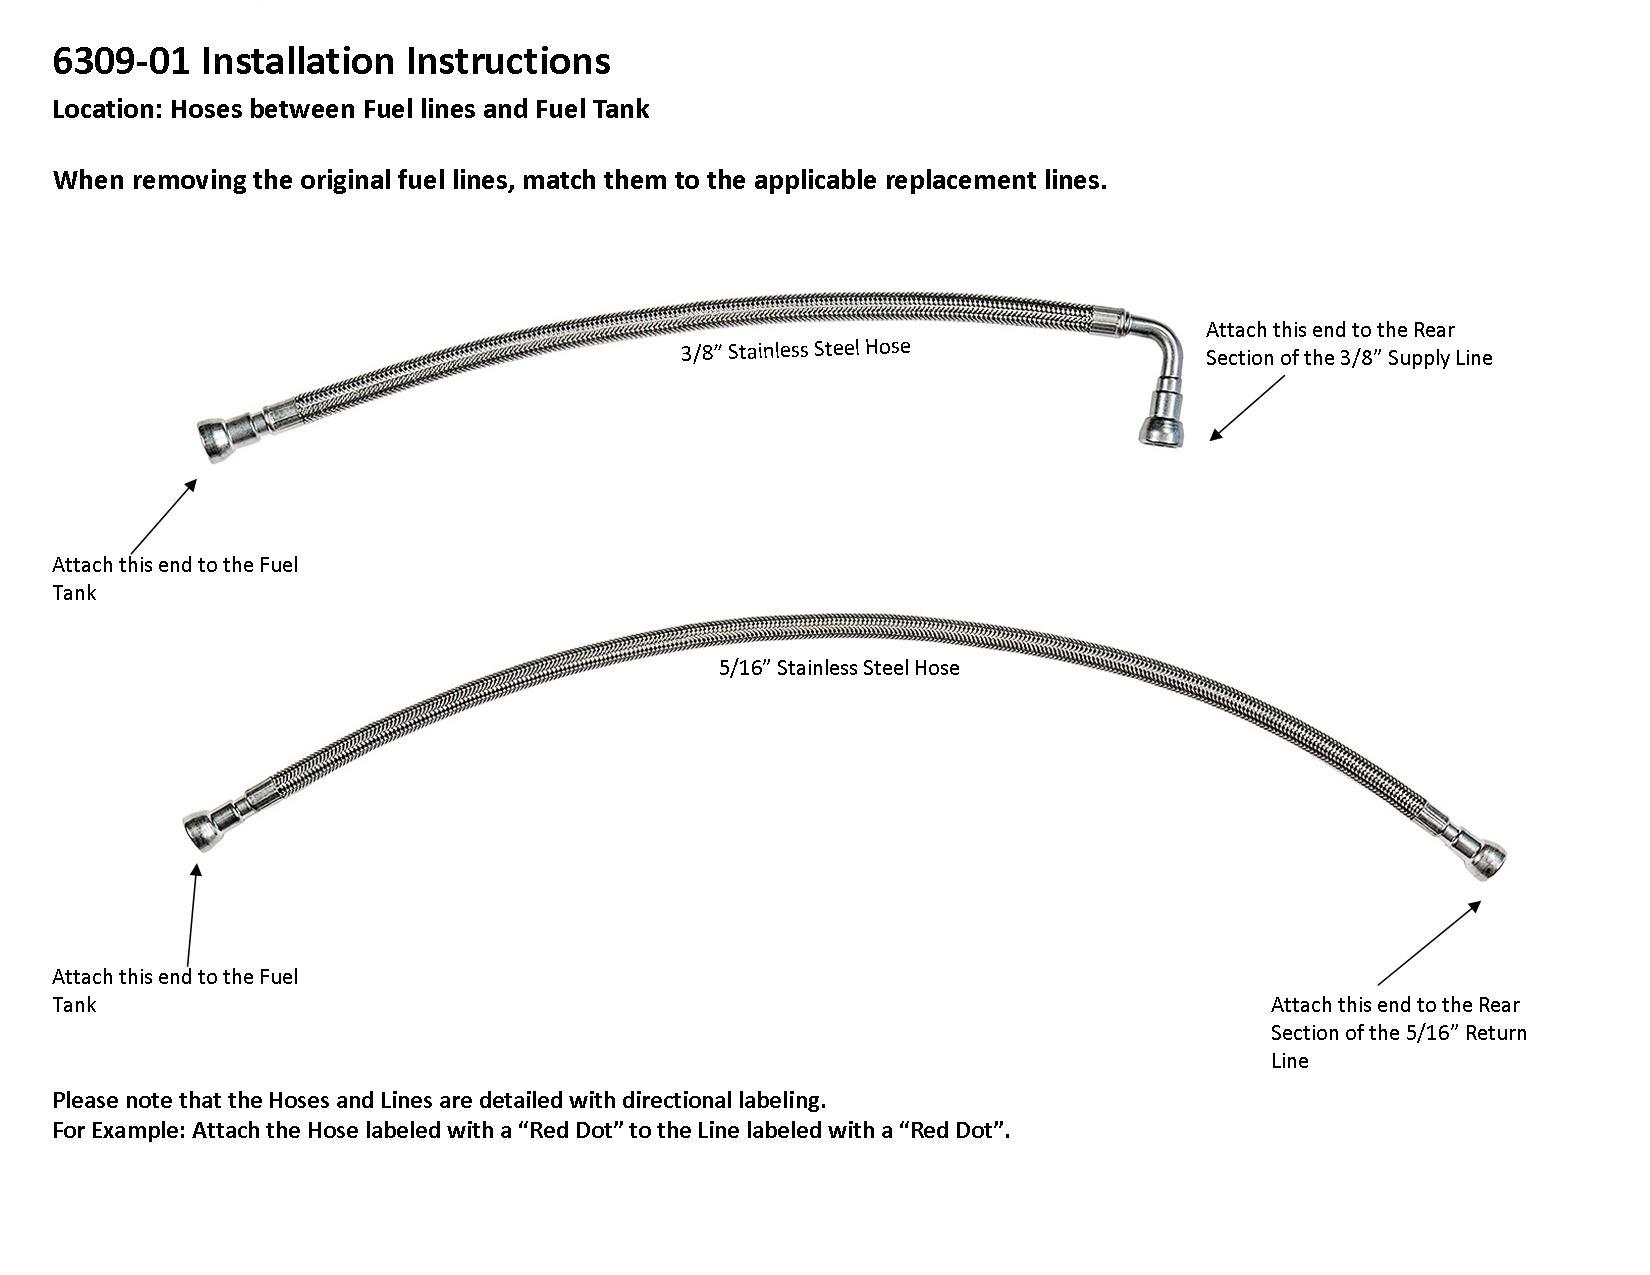 1997-01-chevy-gmc-s10-sonoma-installation-instructions-6309-01.jpg